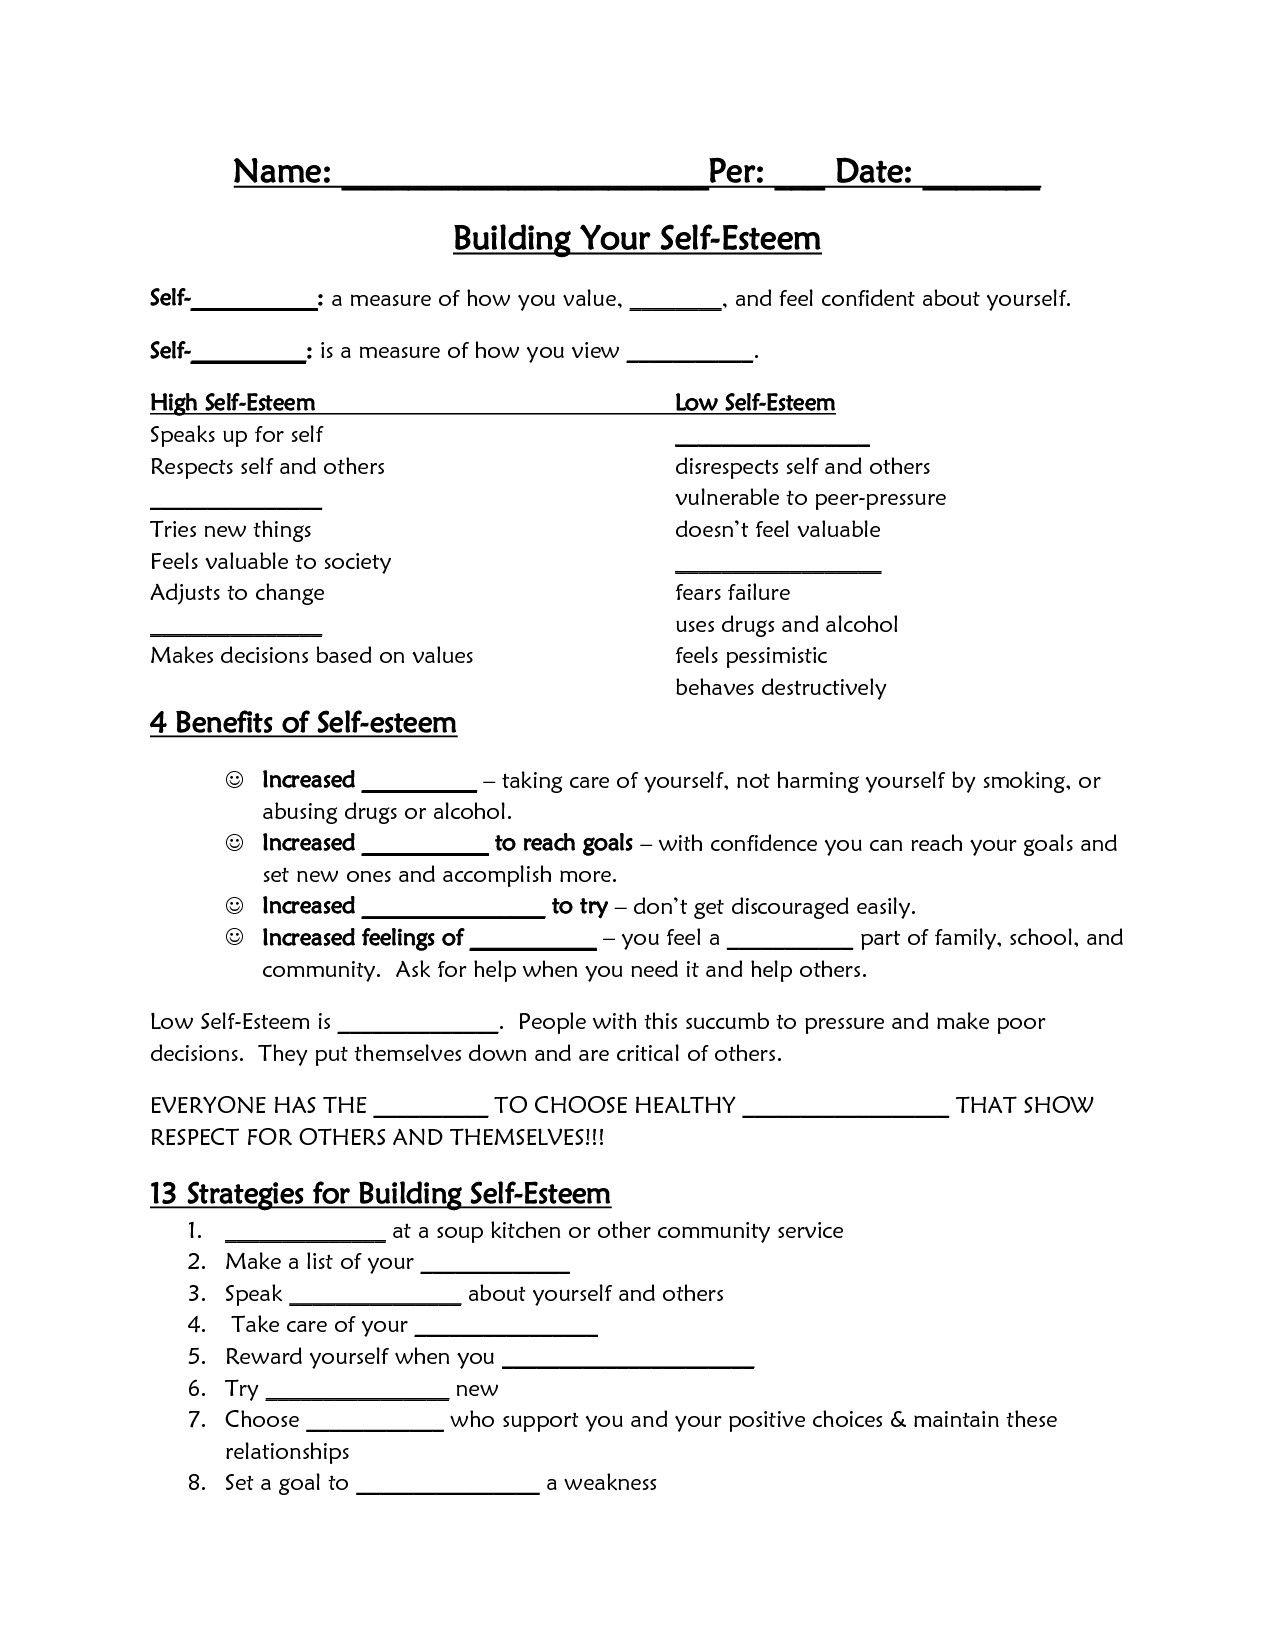 Self Esteem Printable Worksheets Top Ten Floo Y Wong